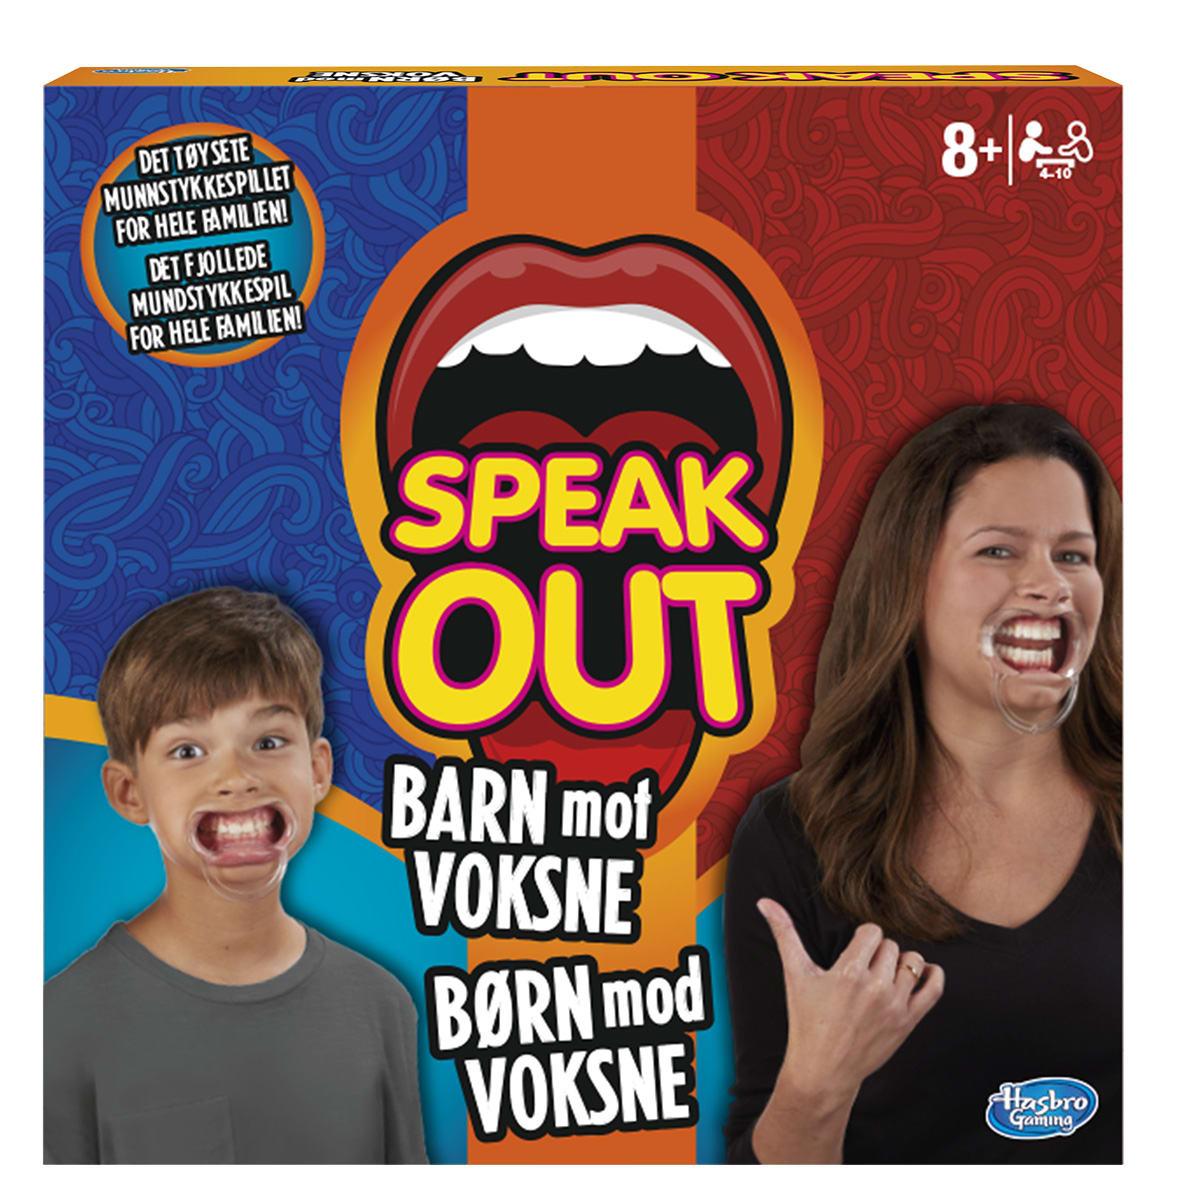 Det fjollede mundstykke-spil for hele familien